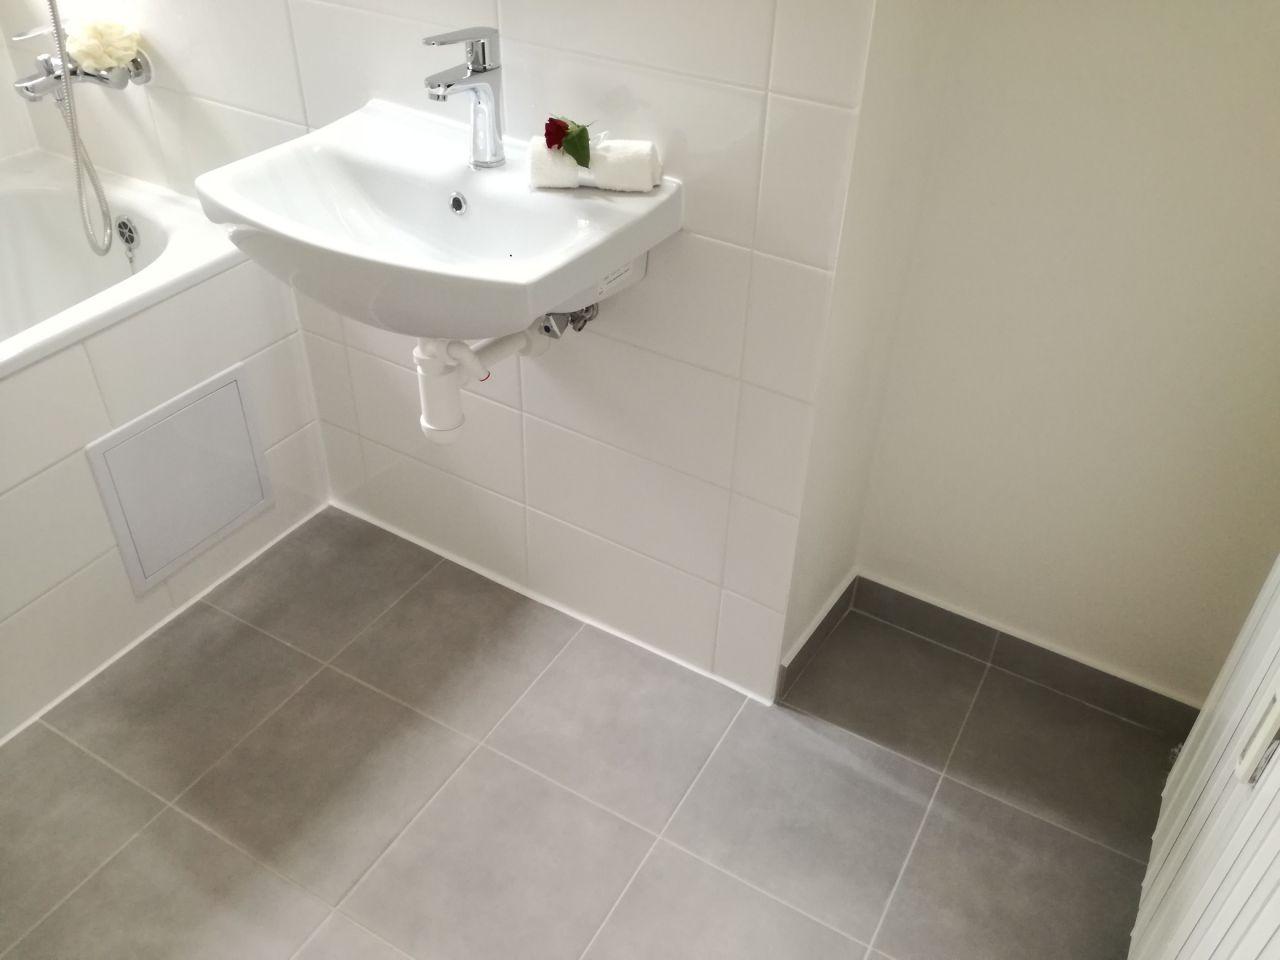 Pronájem bytu 2+1 55 m2, ul. Horní 737/47, Ostrava - Hrabůvka